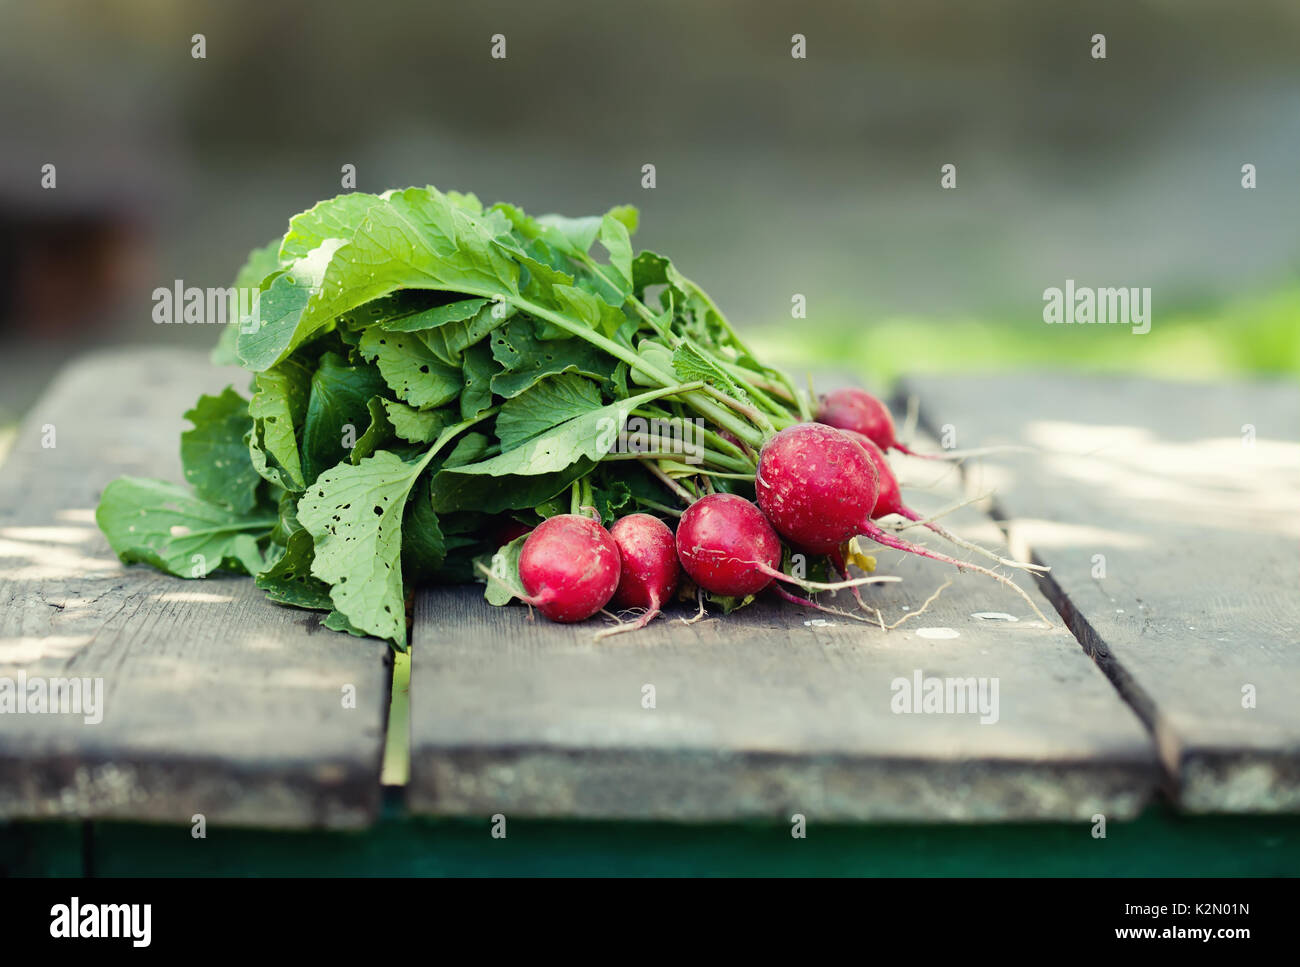 Reif Rettich auf hölzernen Tisch Hintergrund. Die Bauern essen immer noch Leben. Geringe Tiefe Feld, selektiver Fokus Stockbild